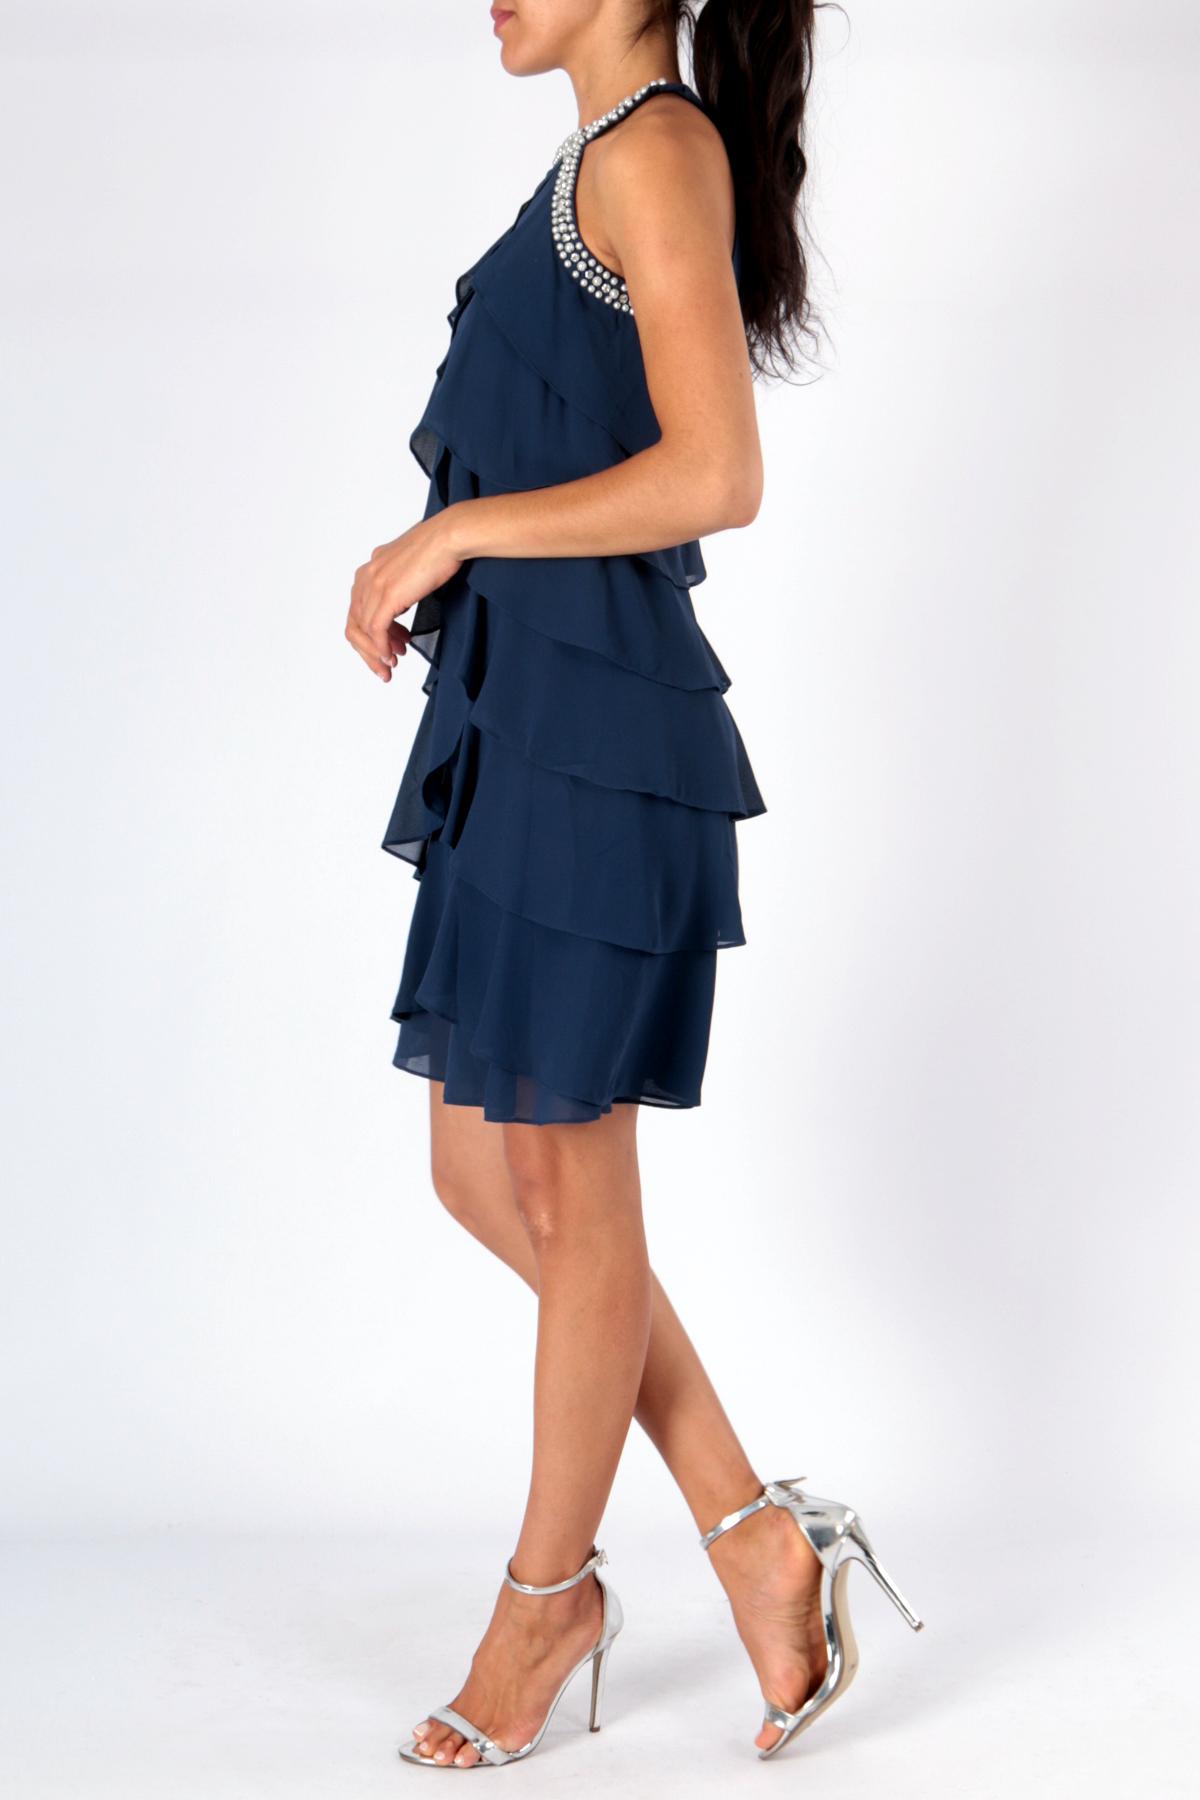 523222ba83d Luxusní společenské dámské šaty krátké 3308350-5 tmavě modrá